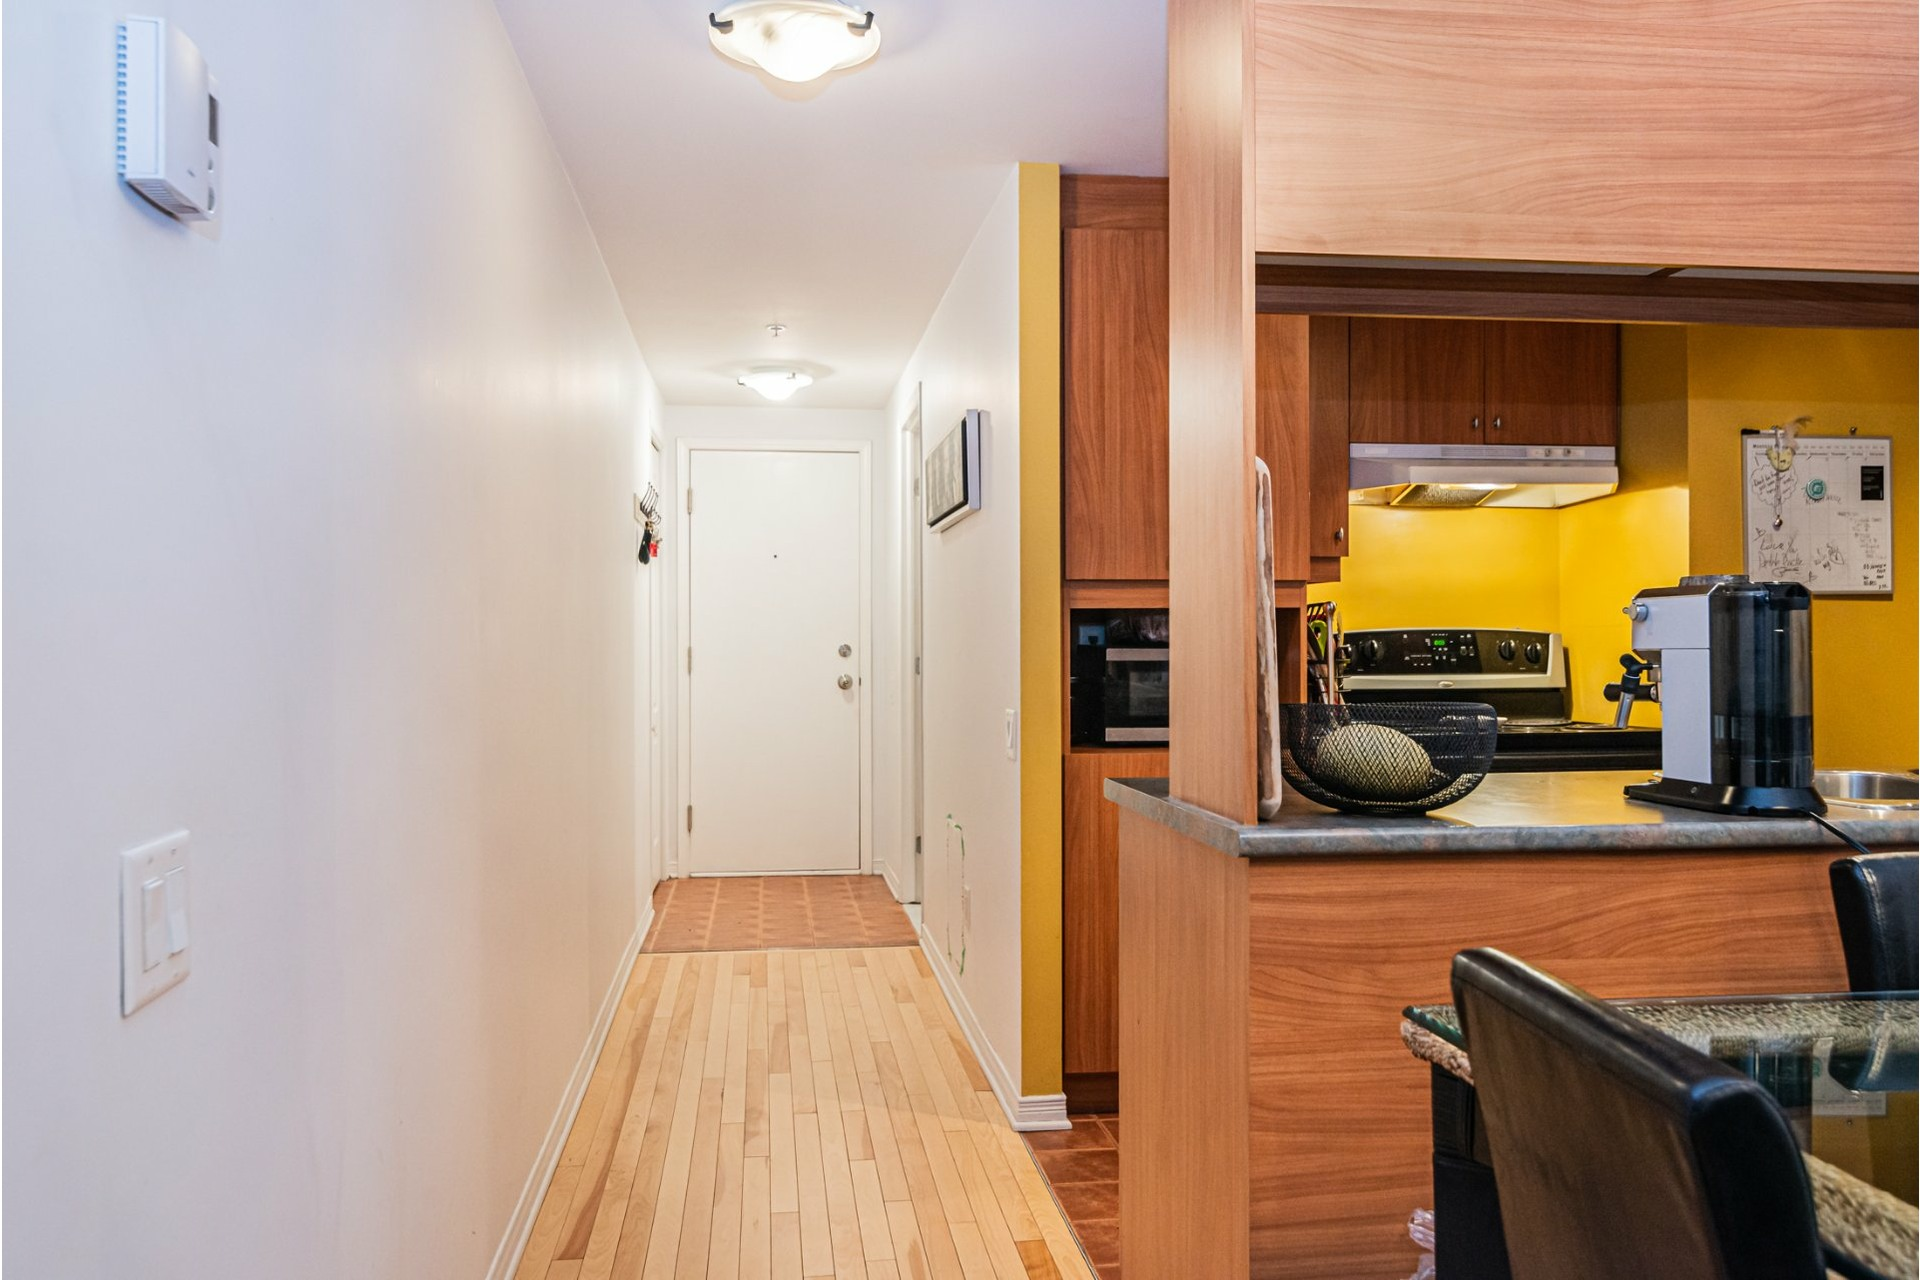 image 15 - Appartement À vendre Lachine Montréal  - 5 pièces